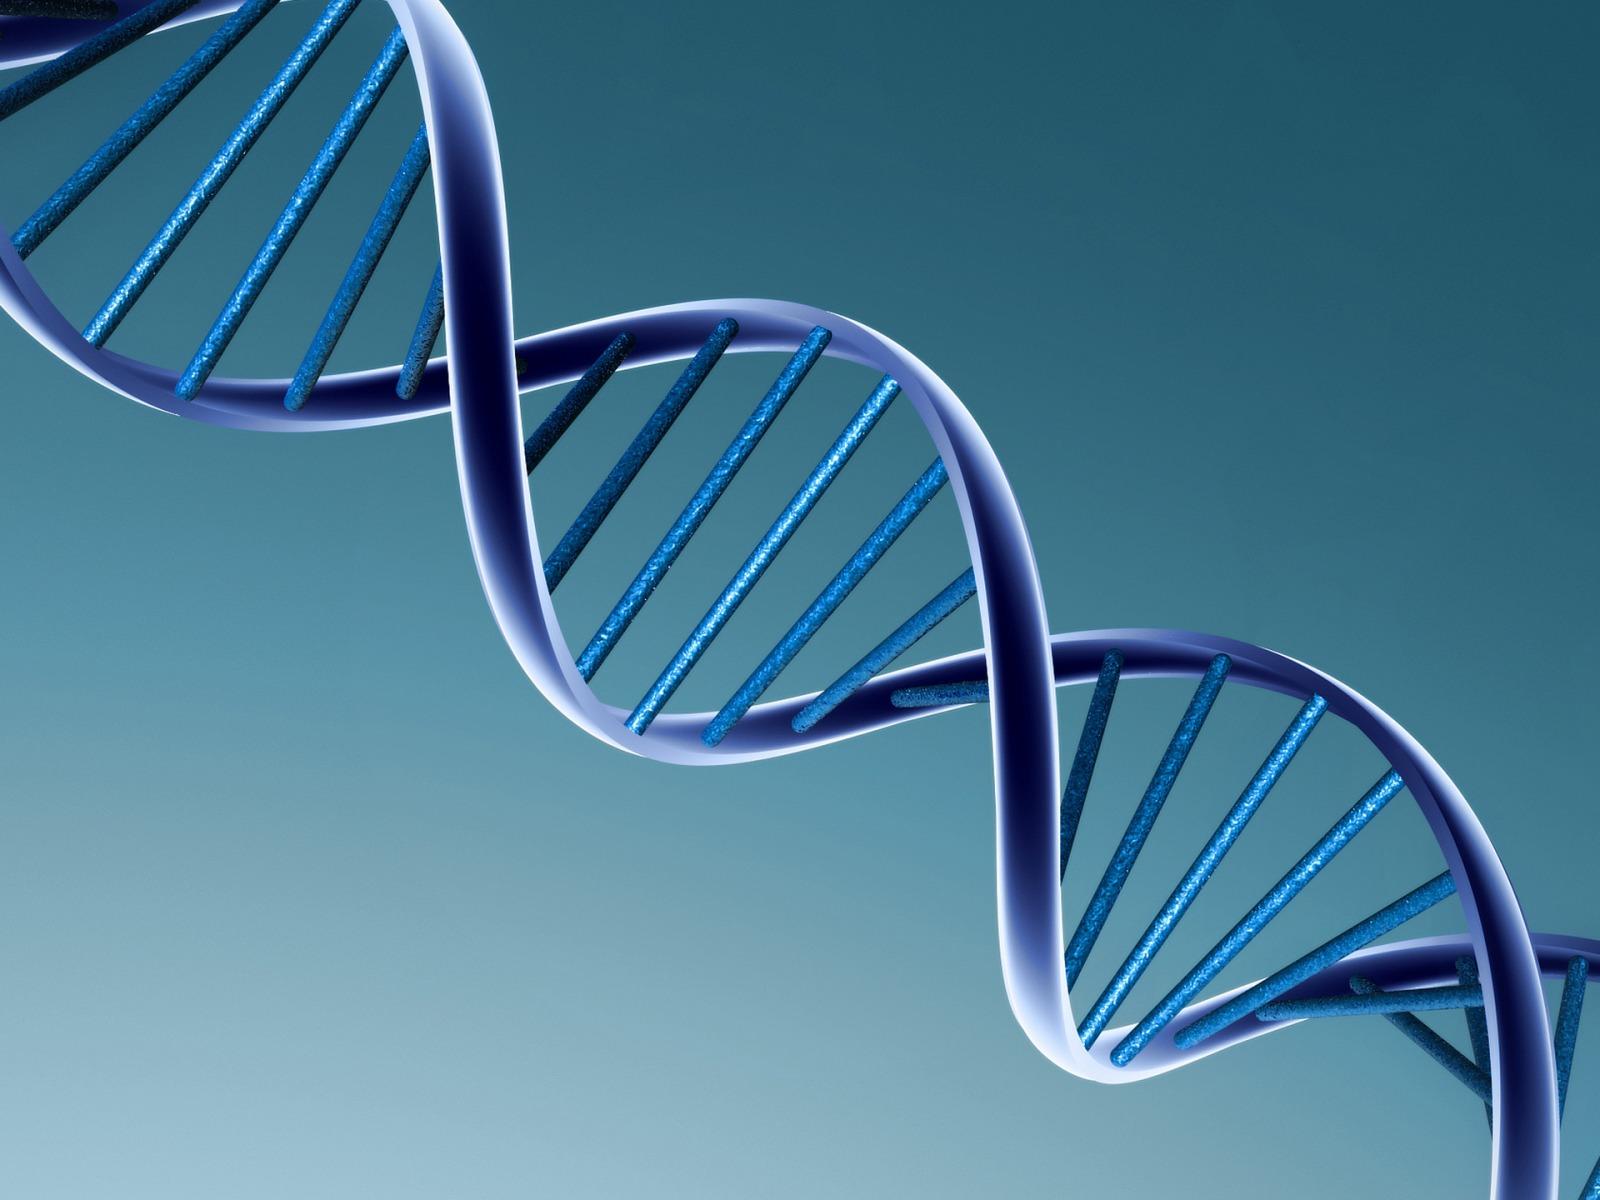 DNA Wallpaper 3D Models 3D 1600x1200